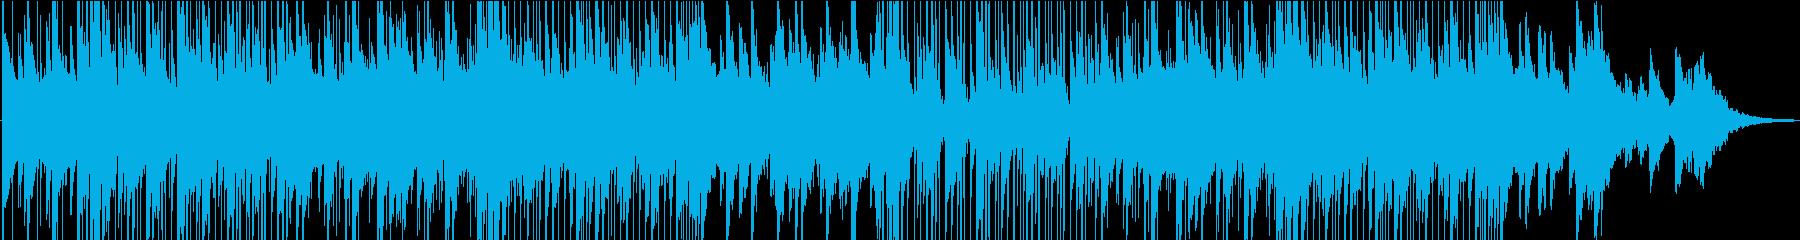 ロマンチックでのんびりとしたジャズ風音楽の再生済みの波形